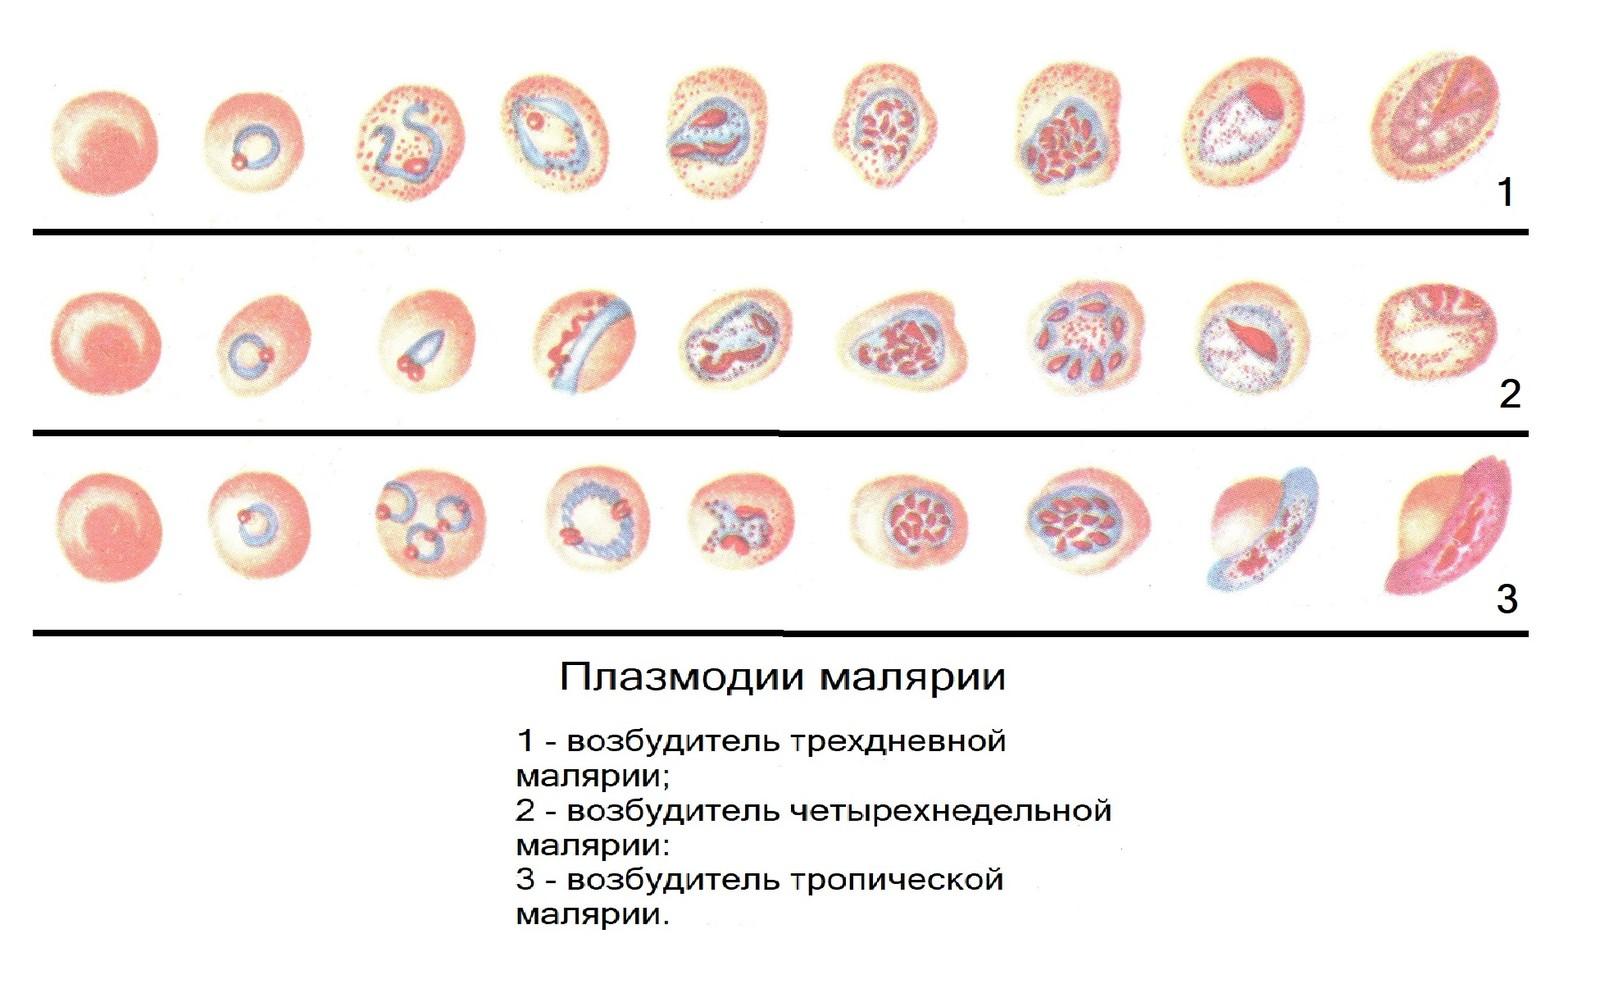 Плазмодии малярии